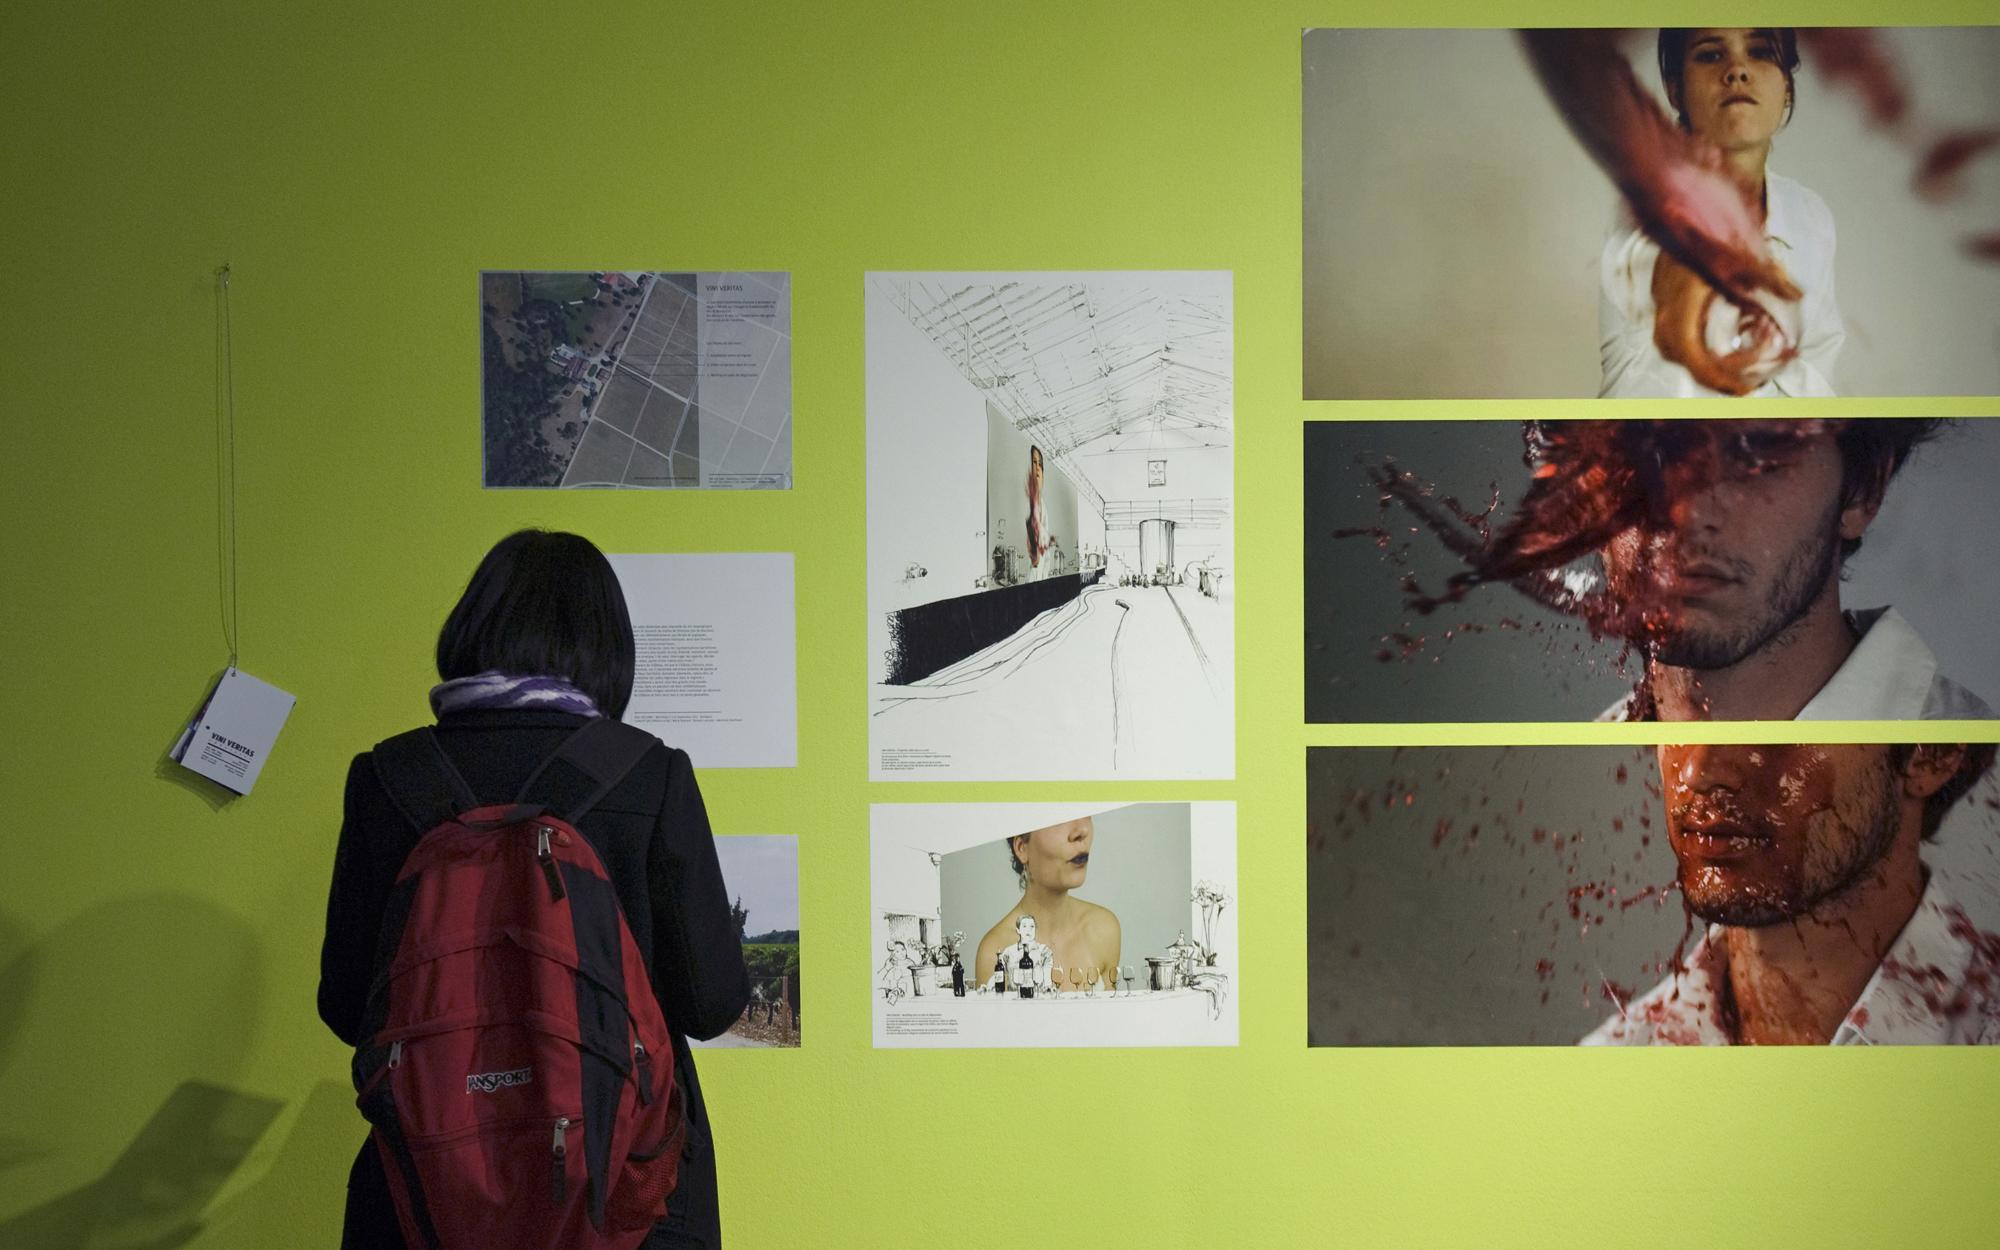 Hélène Soulier paysagiste Bordeaux, enseignante Ecole Nationale Supérieure d'Architecture et du Paysage de Bordeaux, ensapBx, jardins, châteaux, installations, workshops, vini vindi vinci workshop ENSAPBX